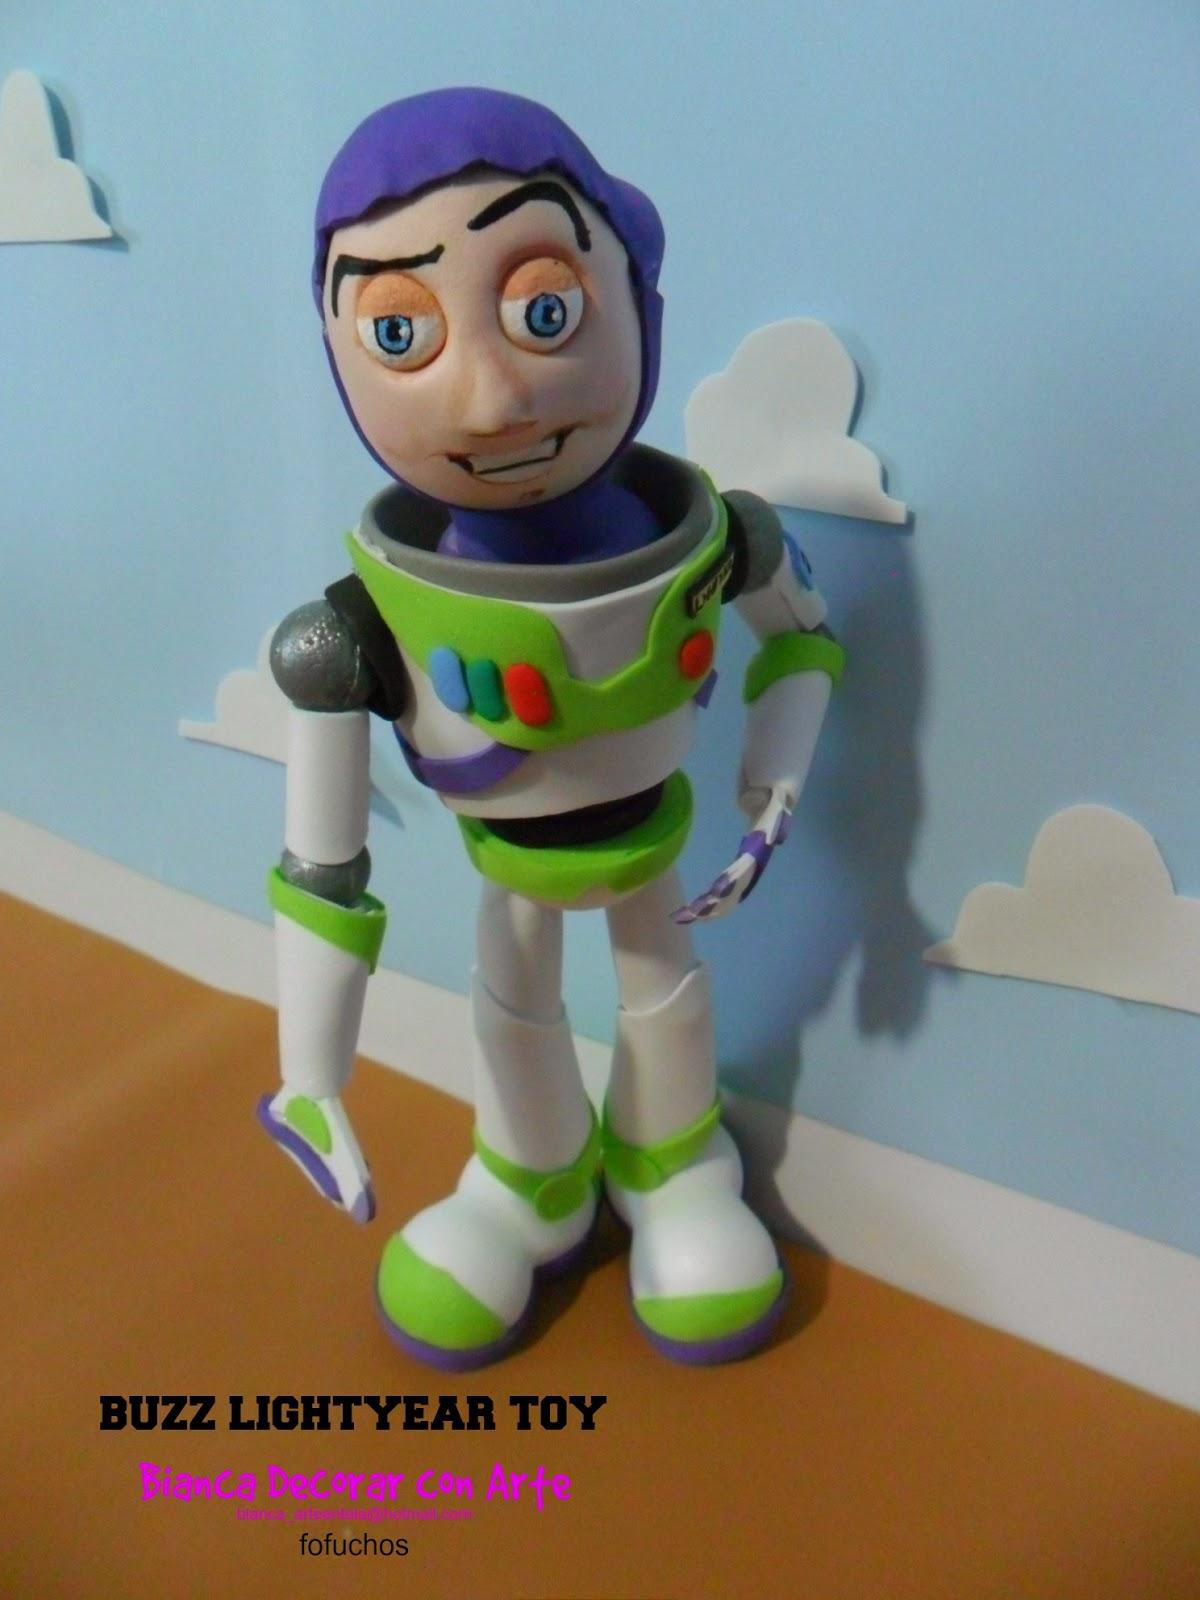 e9187cf5c0870 Buzz Lightyear es un personaje de Toy Story